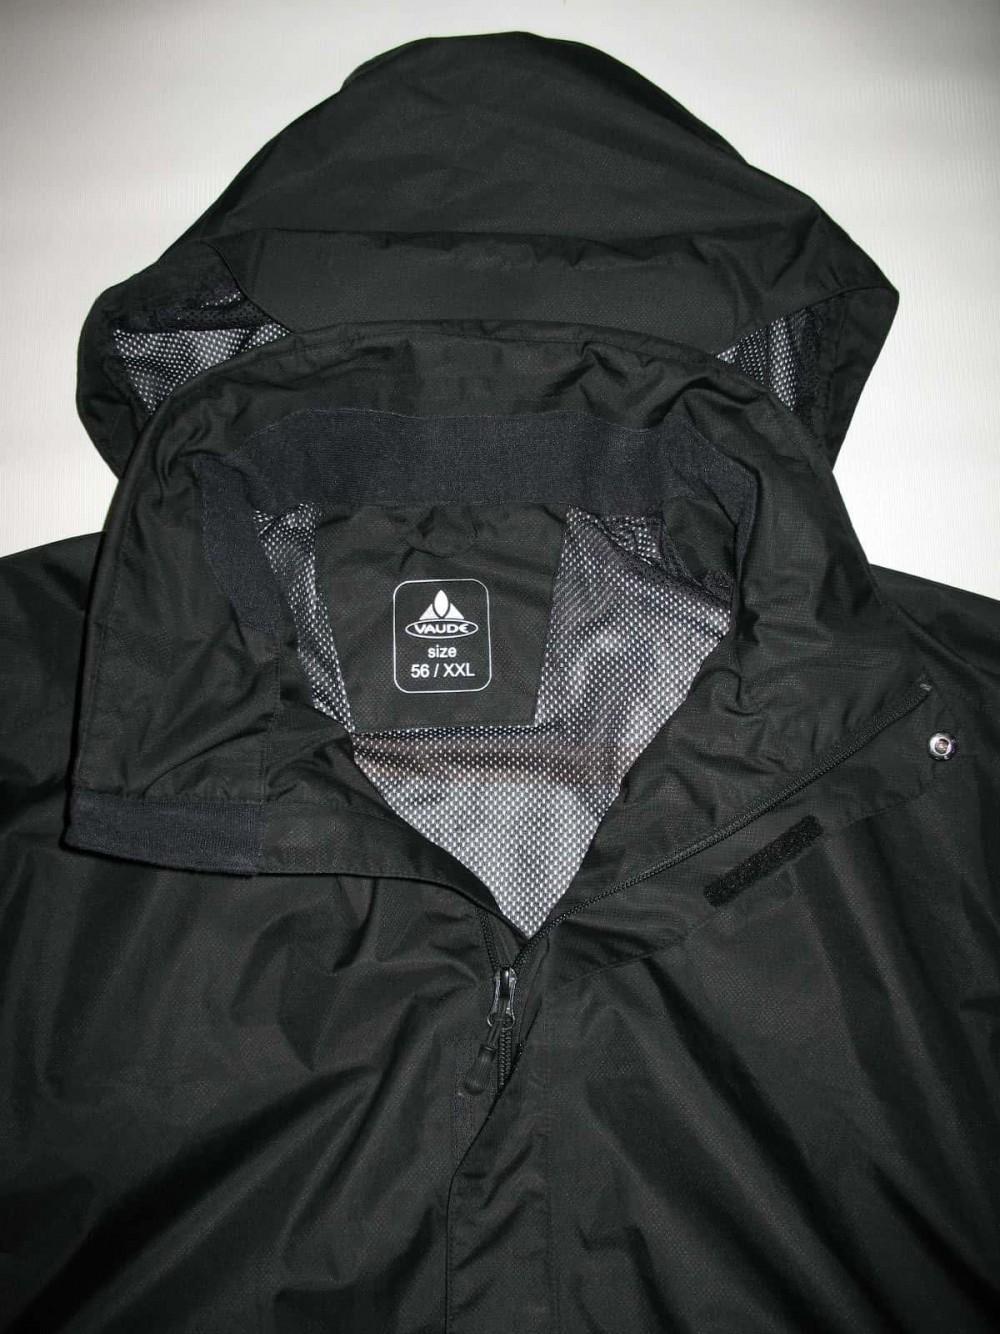 Куртка VAUDE escape bike III jacket (размер 56-XXL) - 6